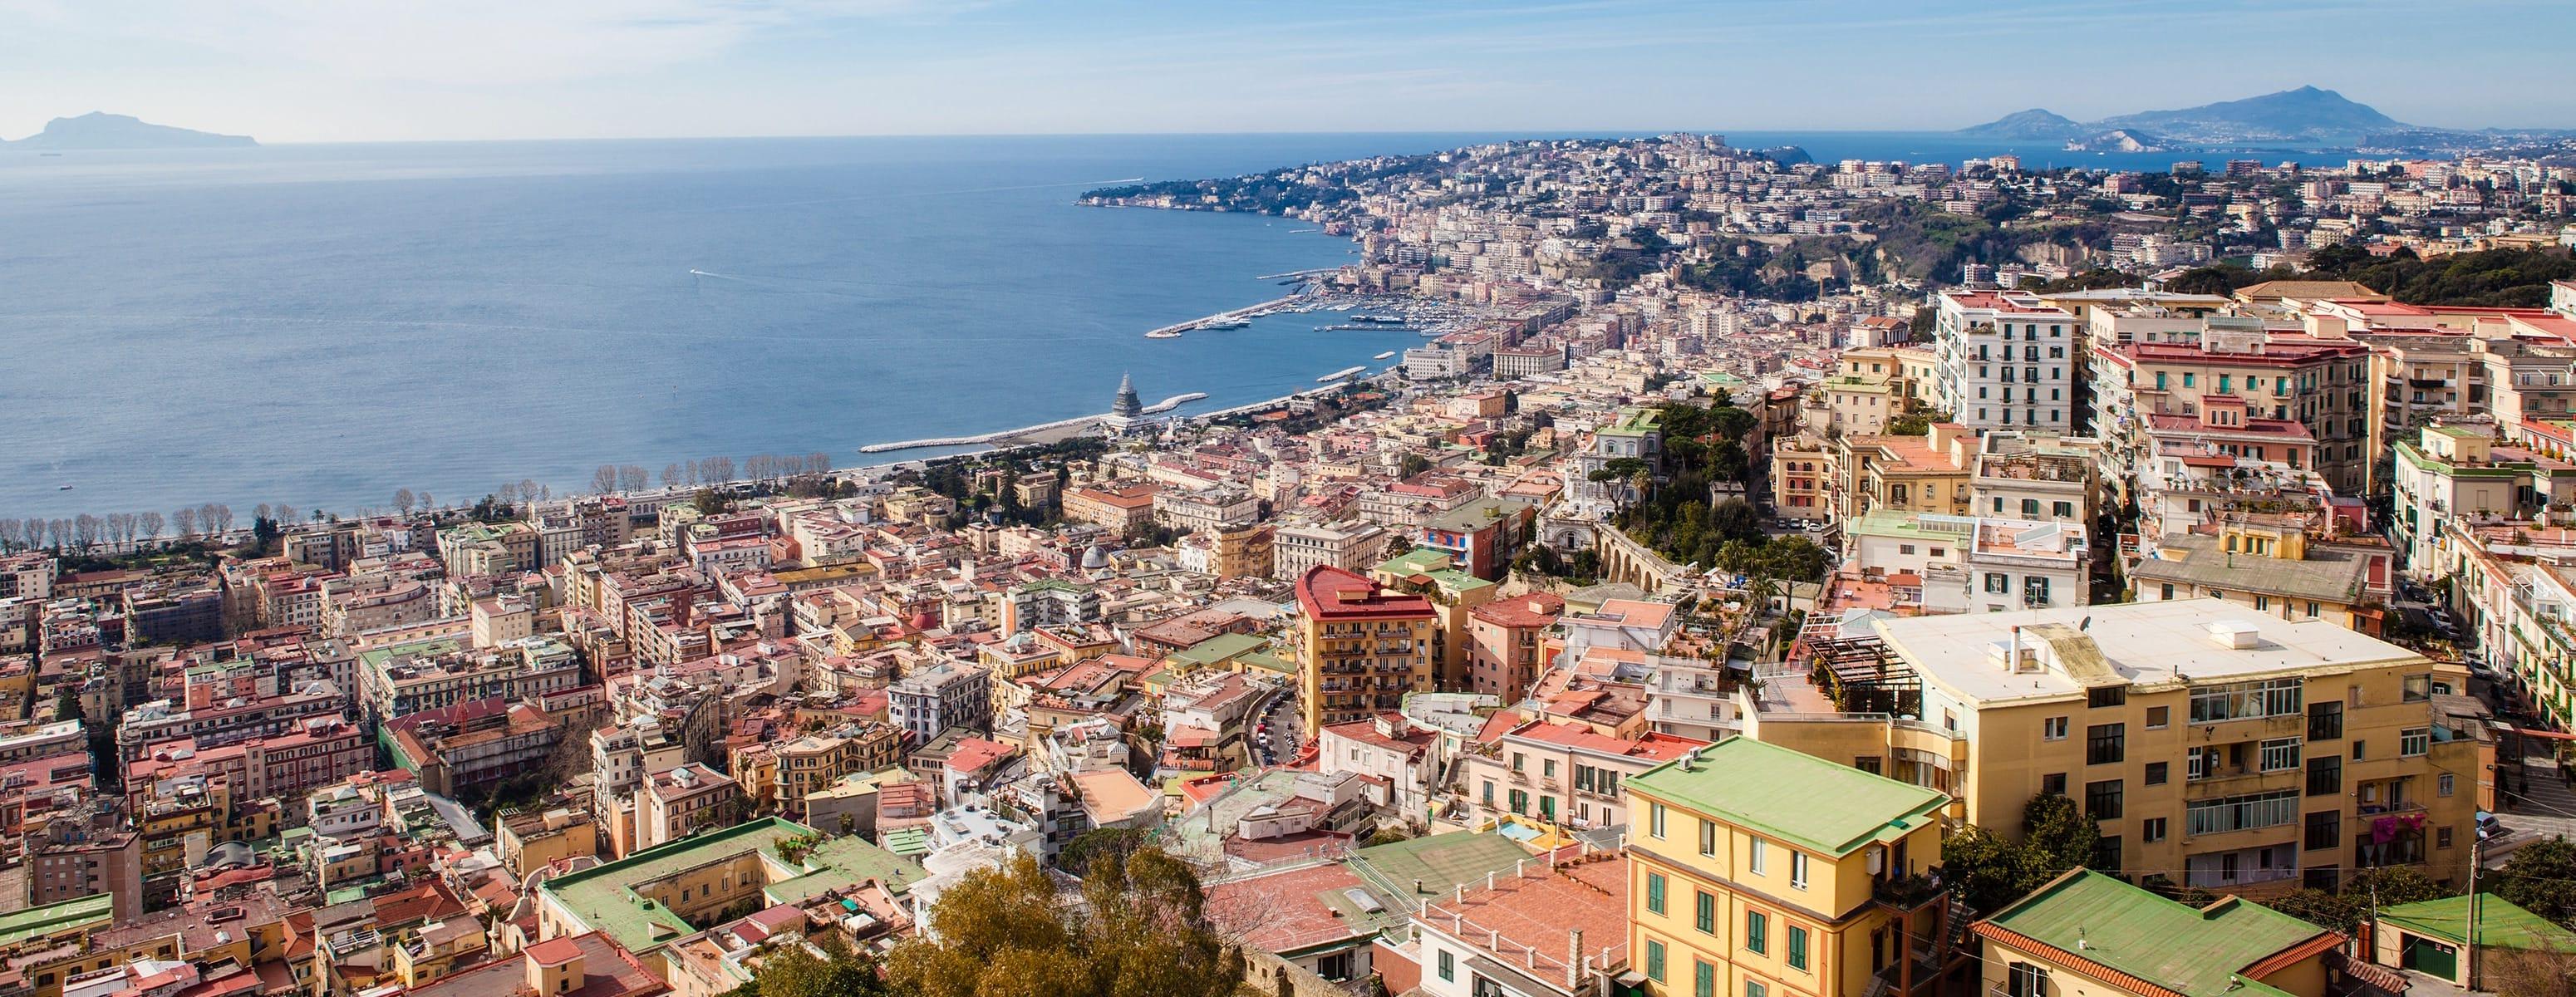 Vacation rentals in Naples